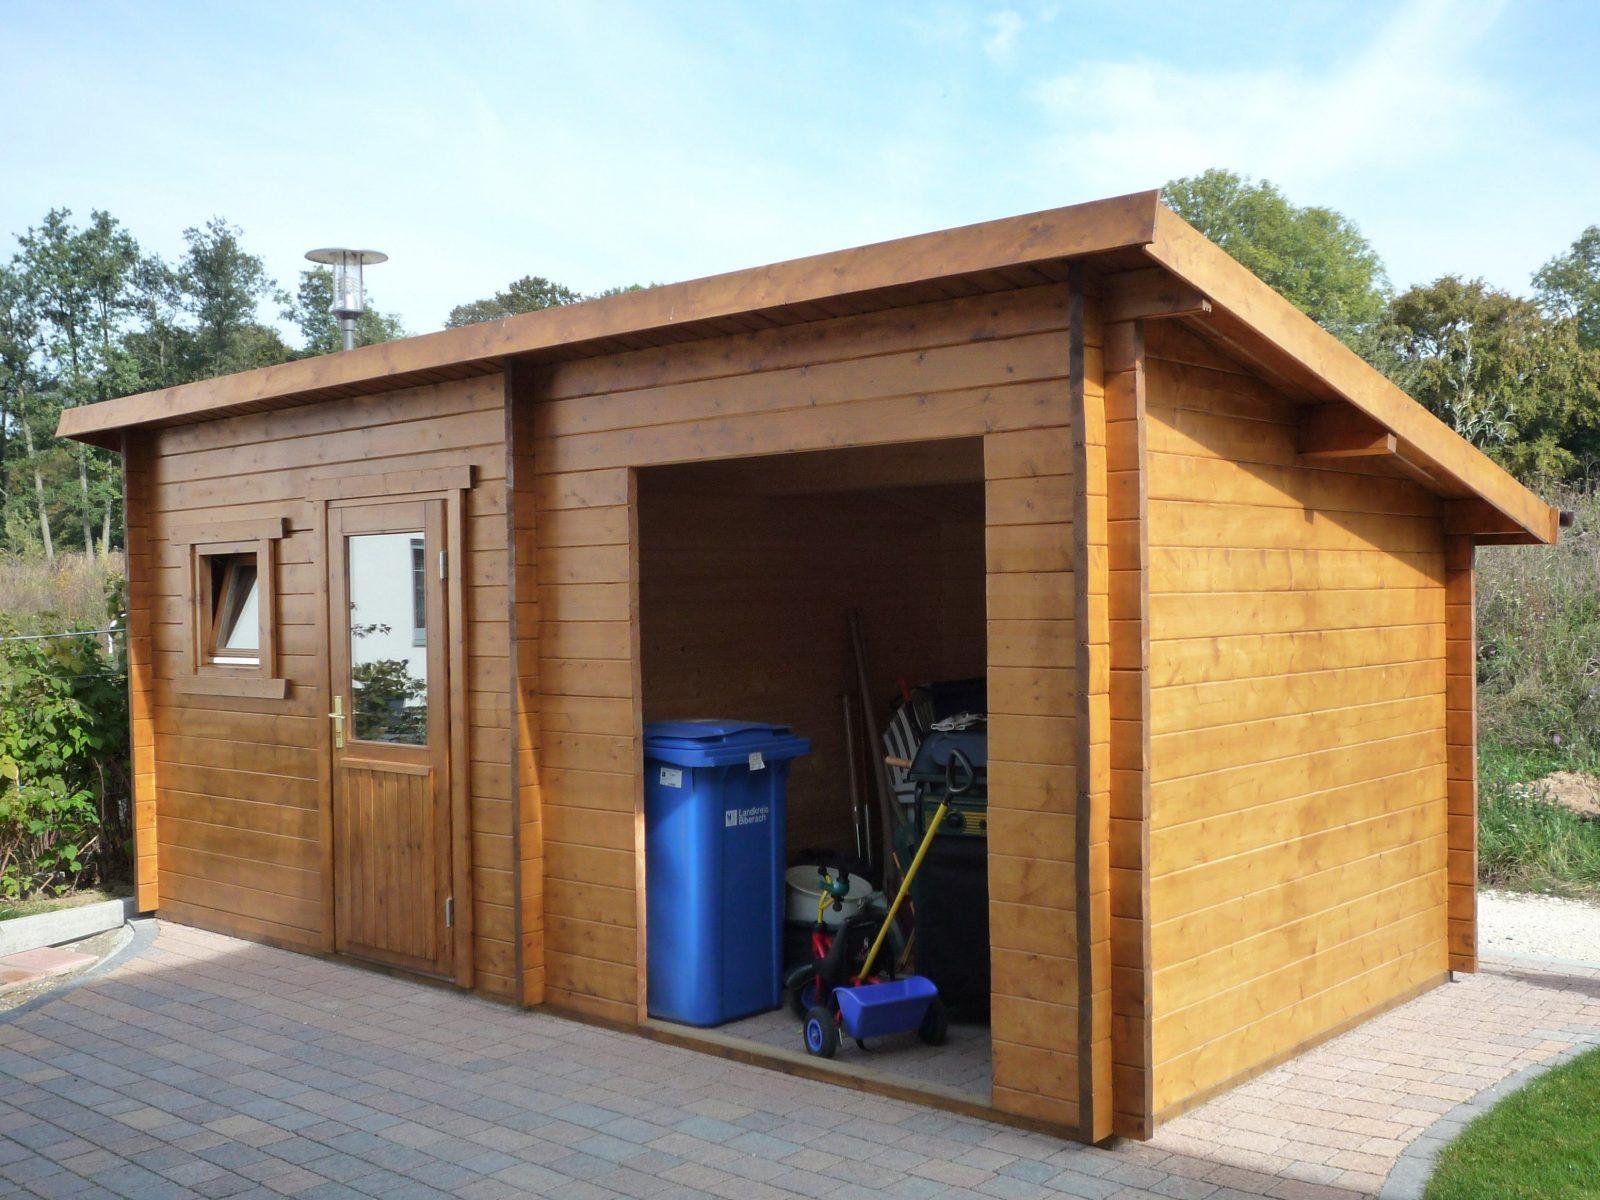 Gartenhaus mit pultdach selber bauen gartenhaus ger tehaus for Gartenhaus modern selber bauen